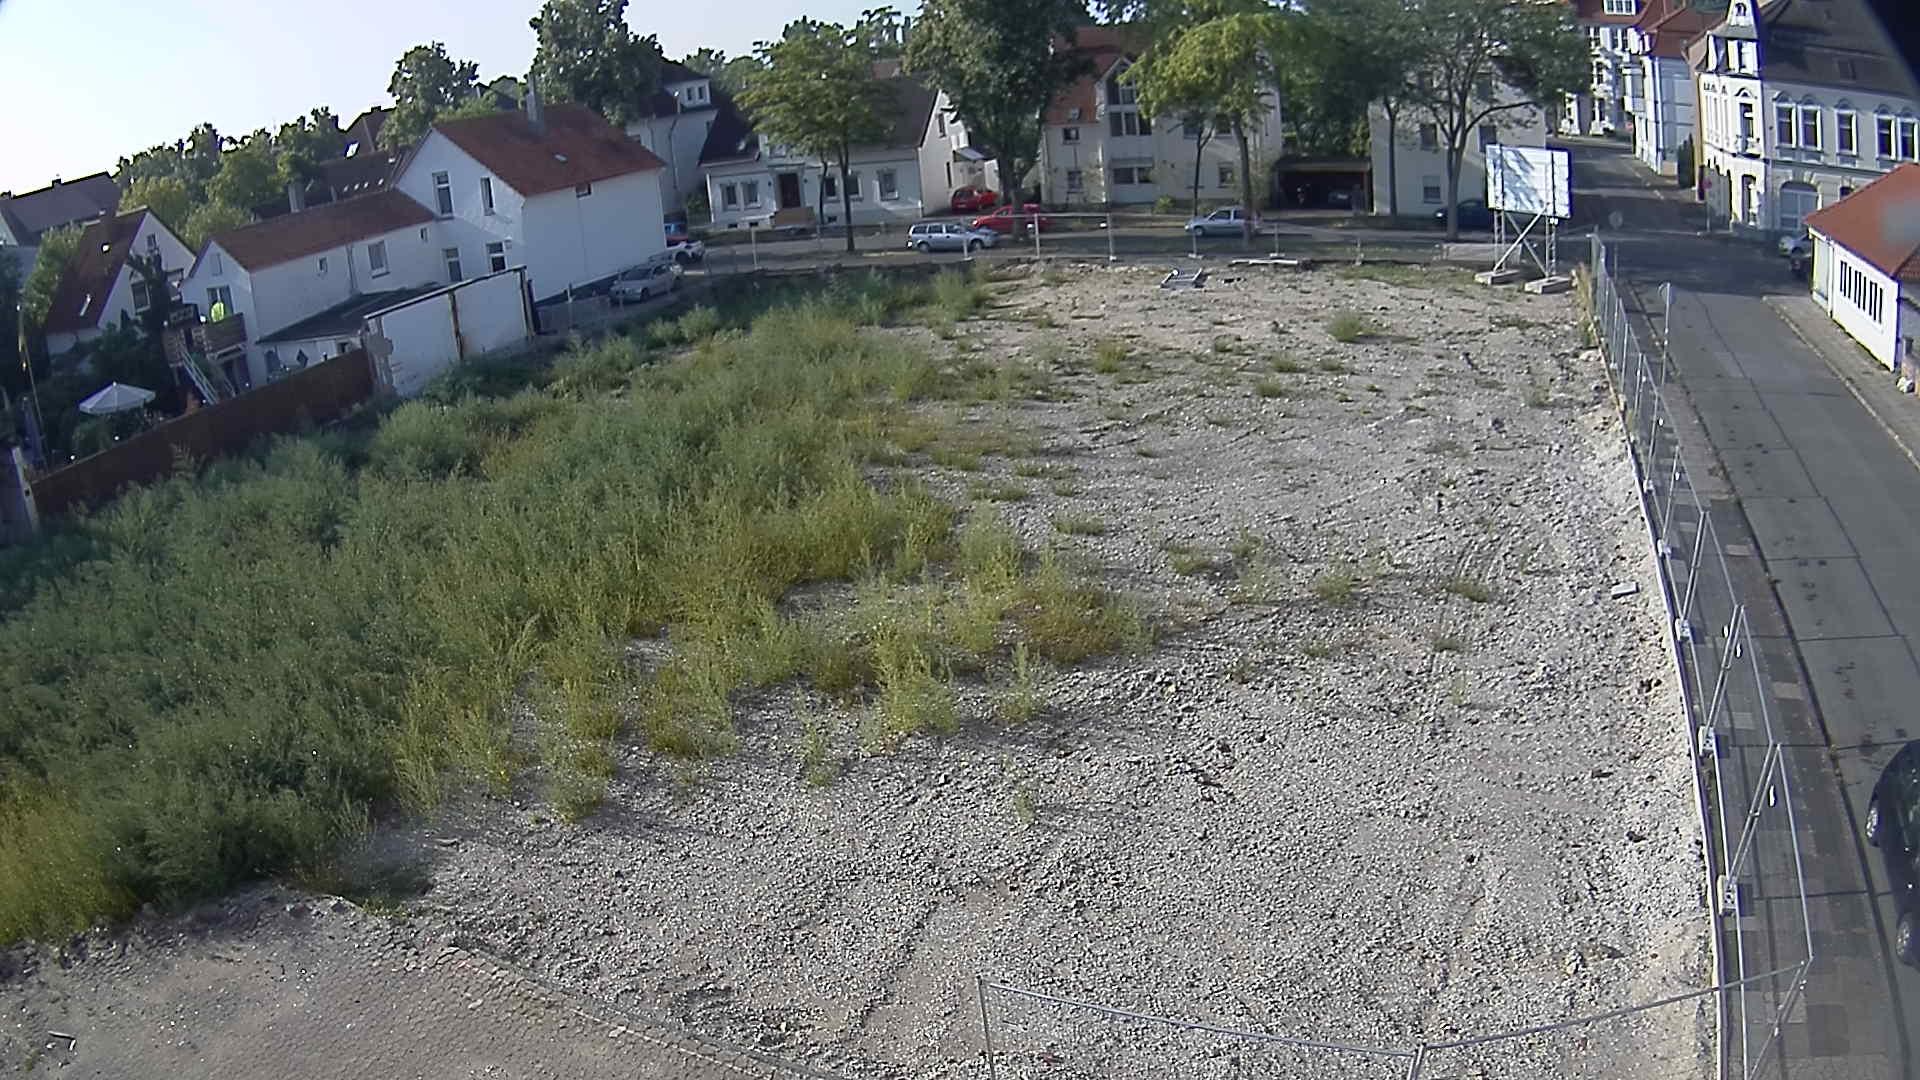 Webcam von der Baustelle in Aachen-Haren